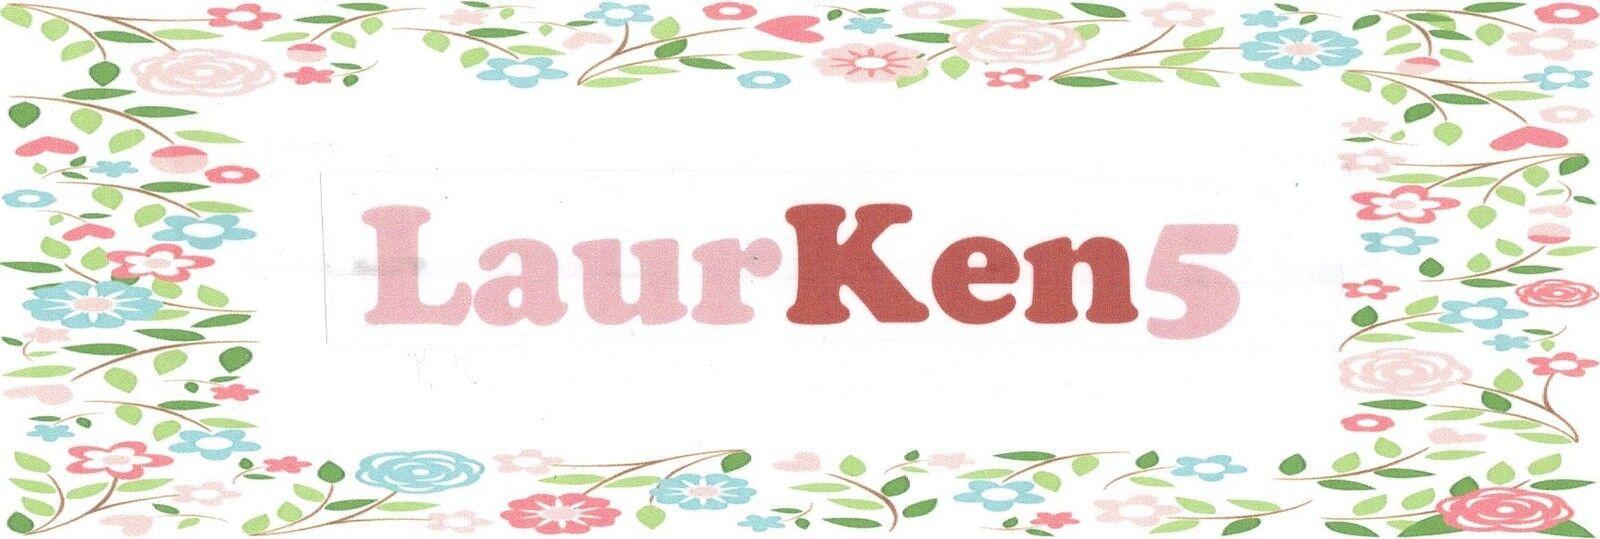 LaurKen5